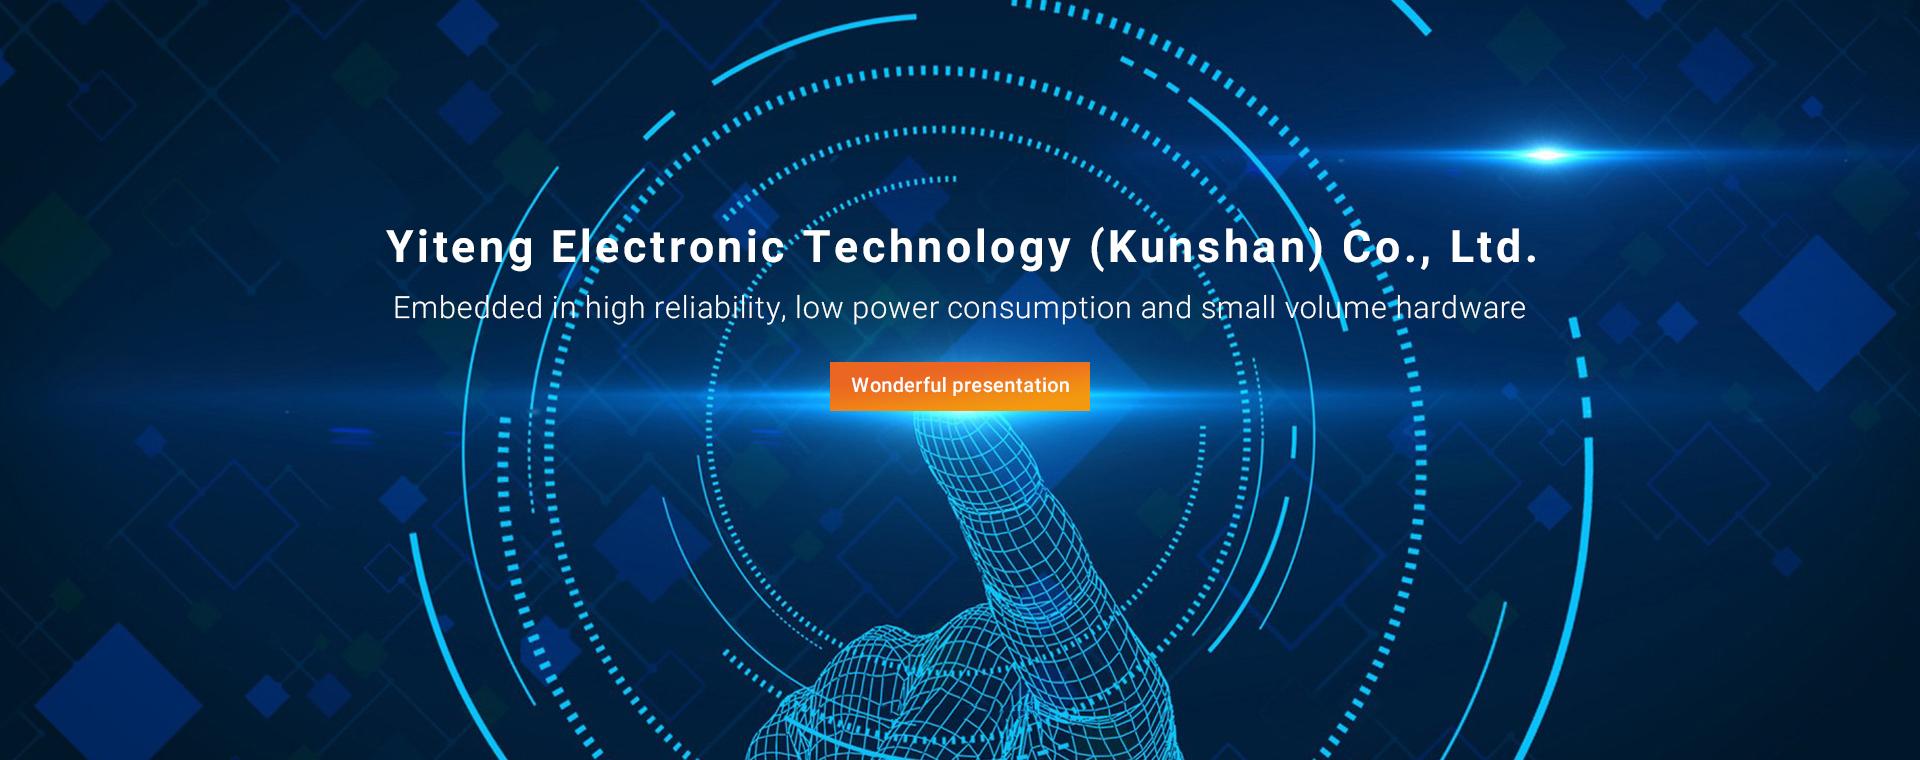 YI Teng Electronic Technology (Kunshan) Co., Ltd